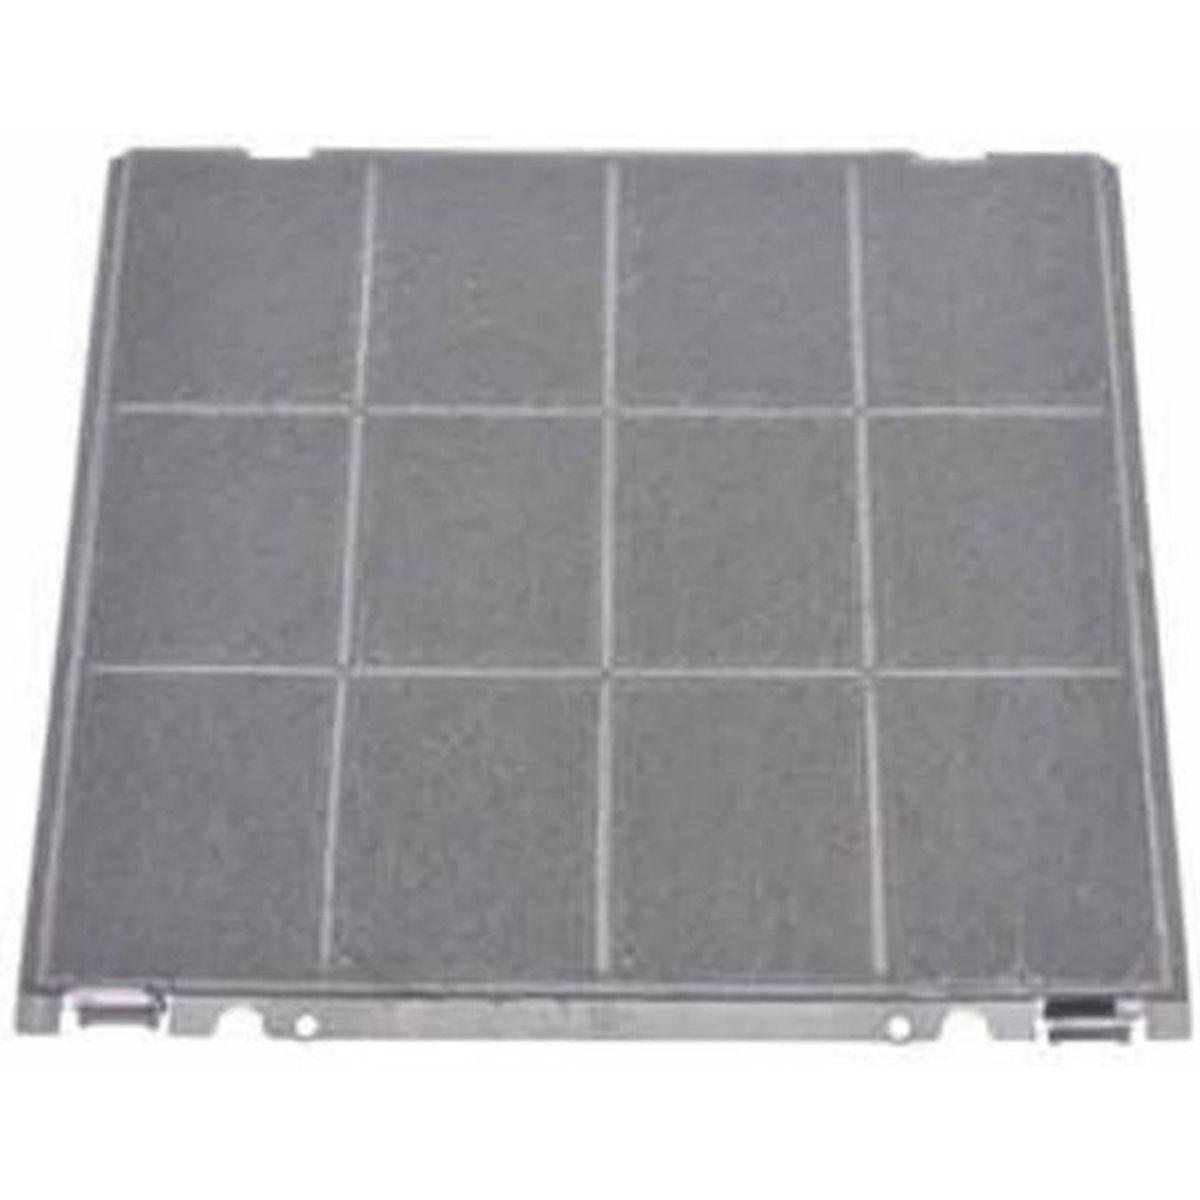 filtre charbon (a l'unite) pour hotte ariston hotpoint, indesit